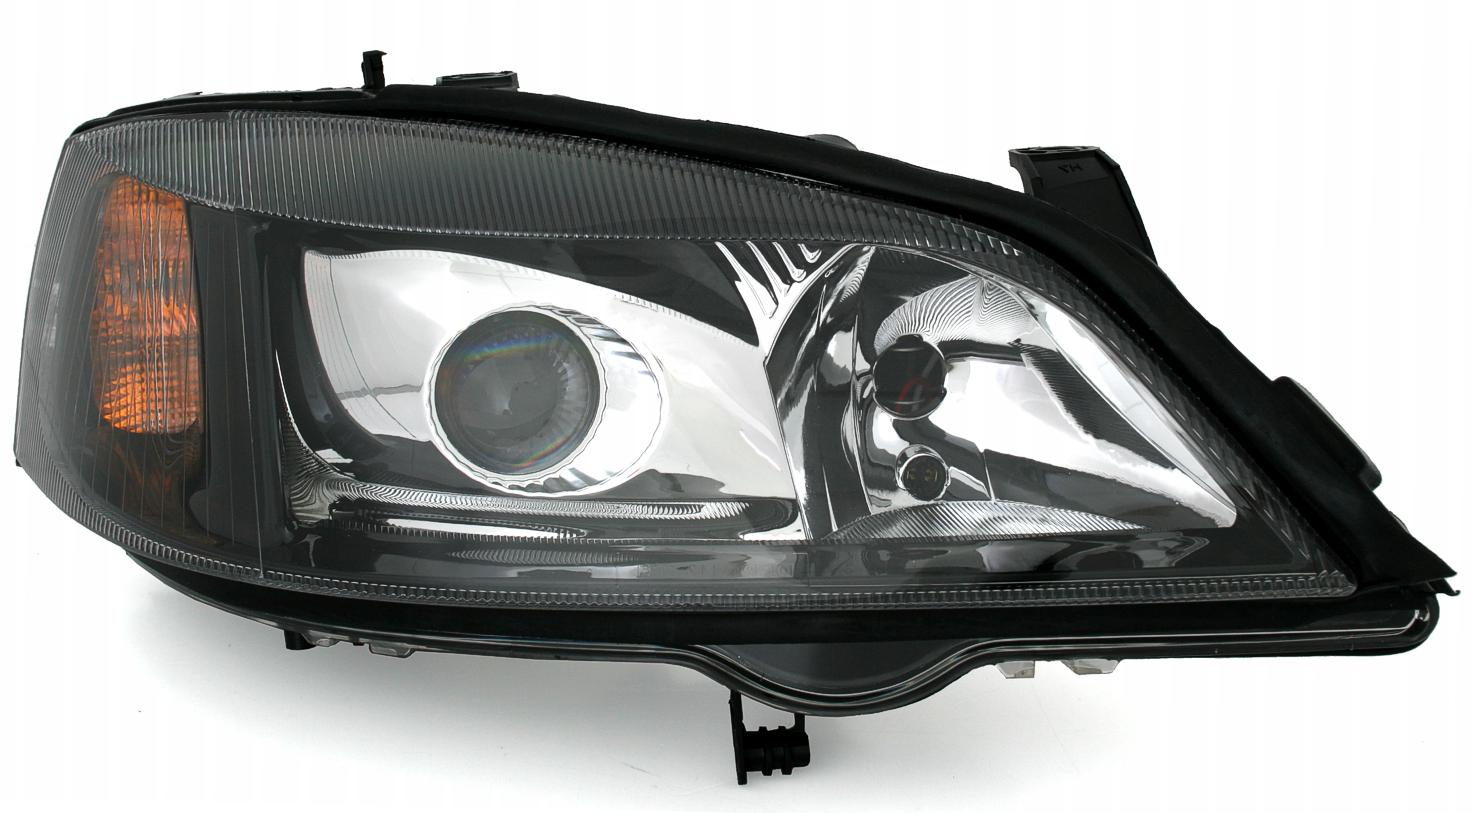 d2s xenon scheinwerfer rechts f r opel astra g in schwarz. Black Bedroom Furniture Sets. Home Design Ideas